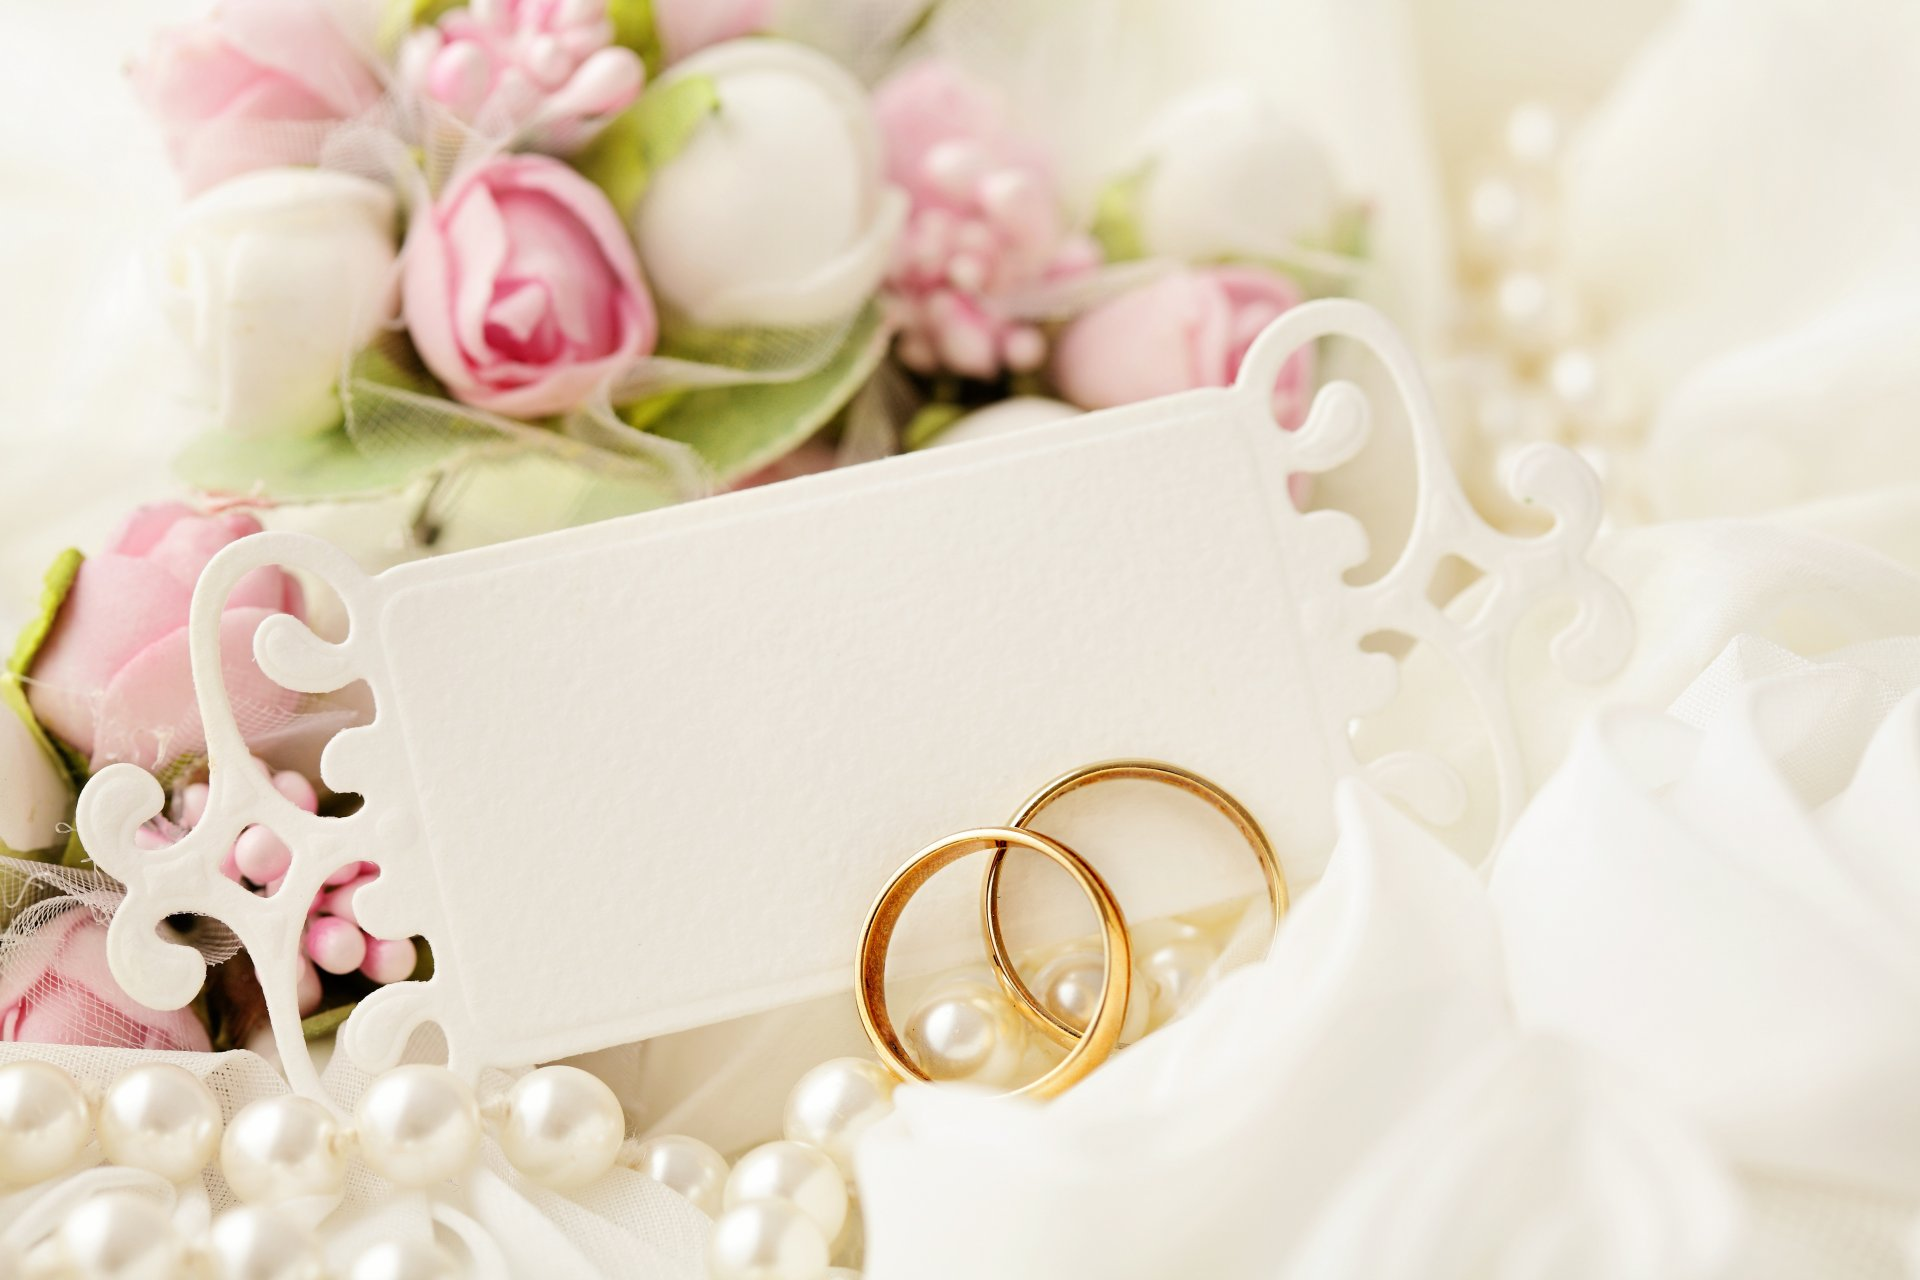 Надпись на открытке в цветы на свадьбу